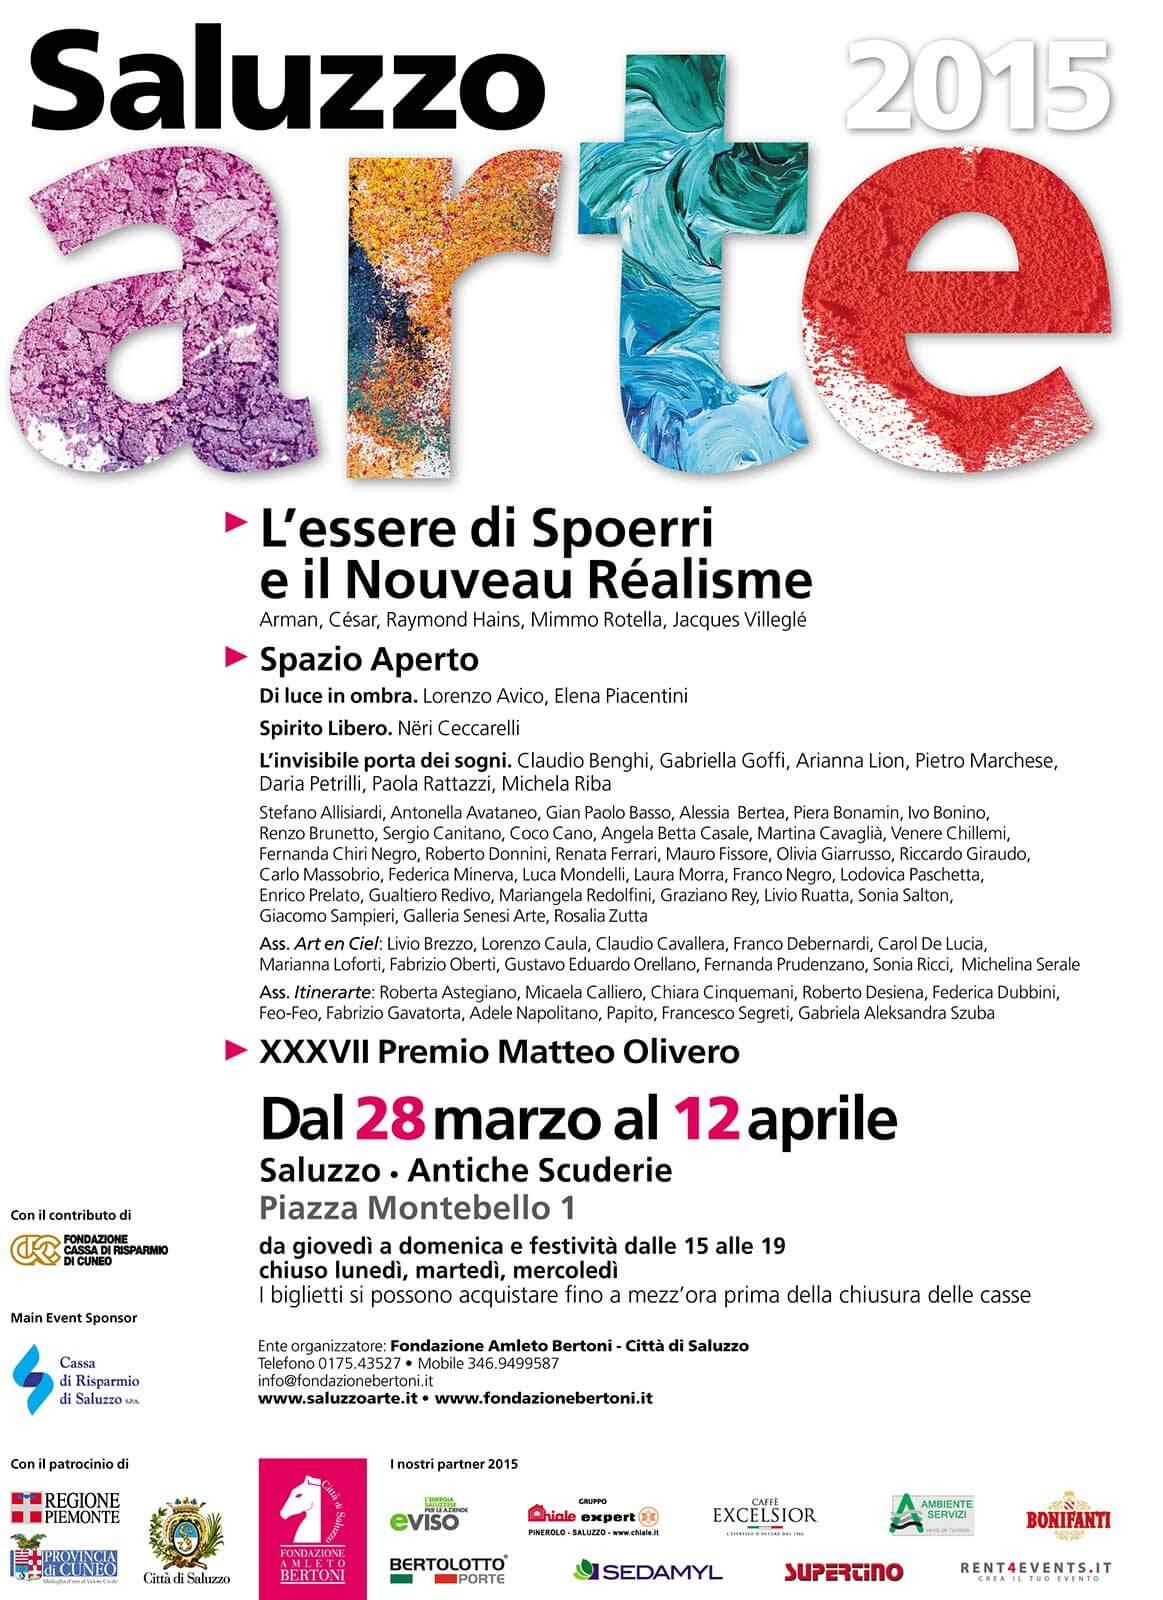 Poster Saluzzo Arte